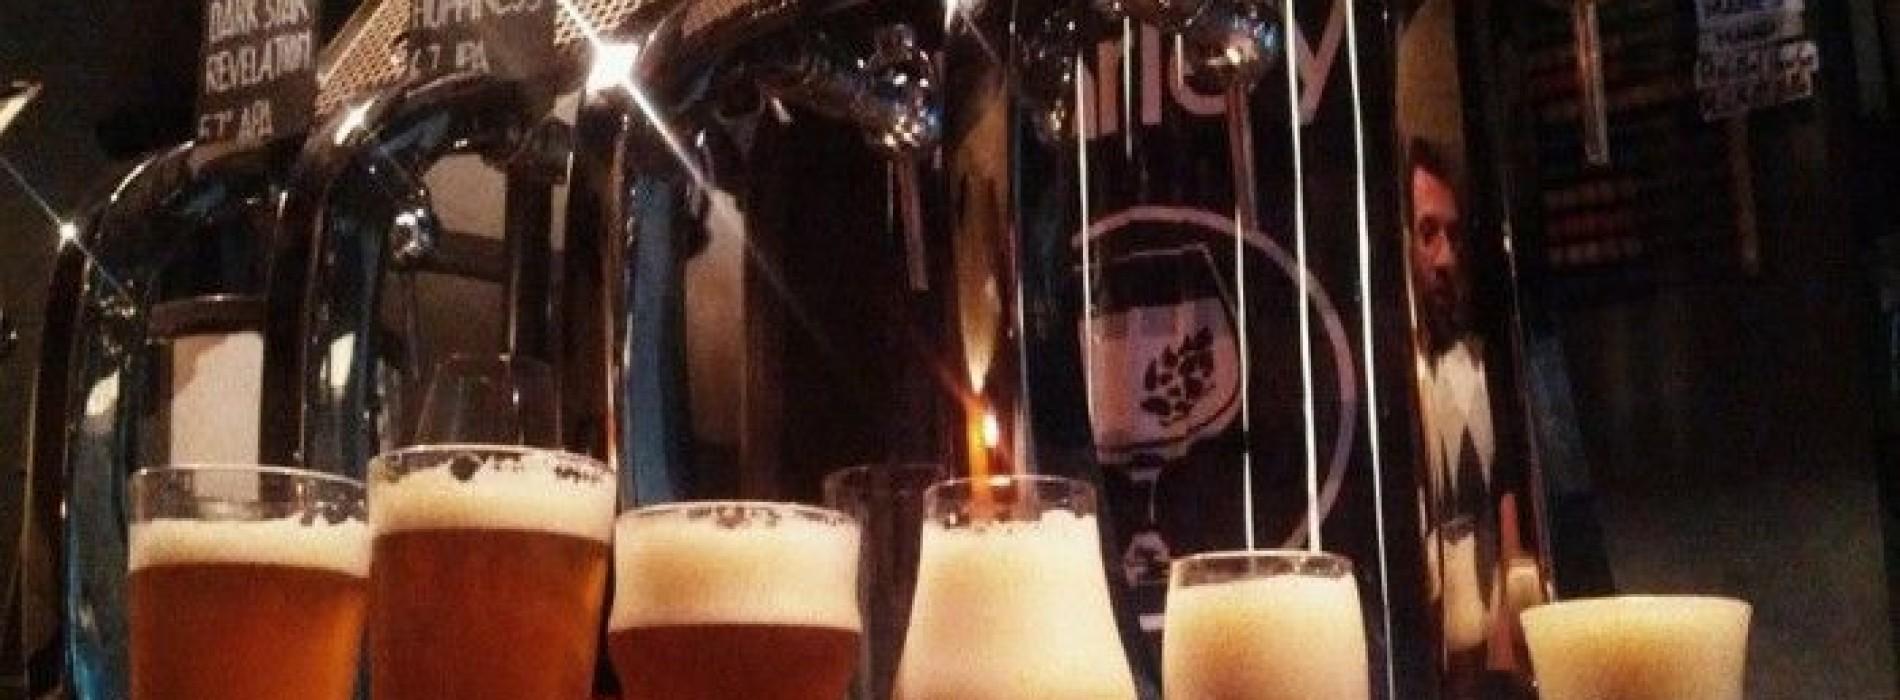 Festa delle birre artigianali questa sera da Eataly Roma. E alla Limonaia di Villa Torlonia c'è FrankenBierFest